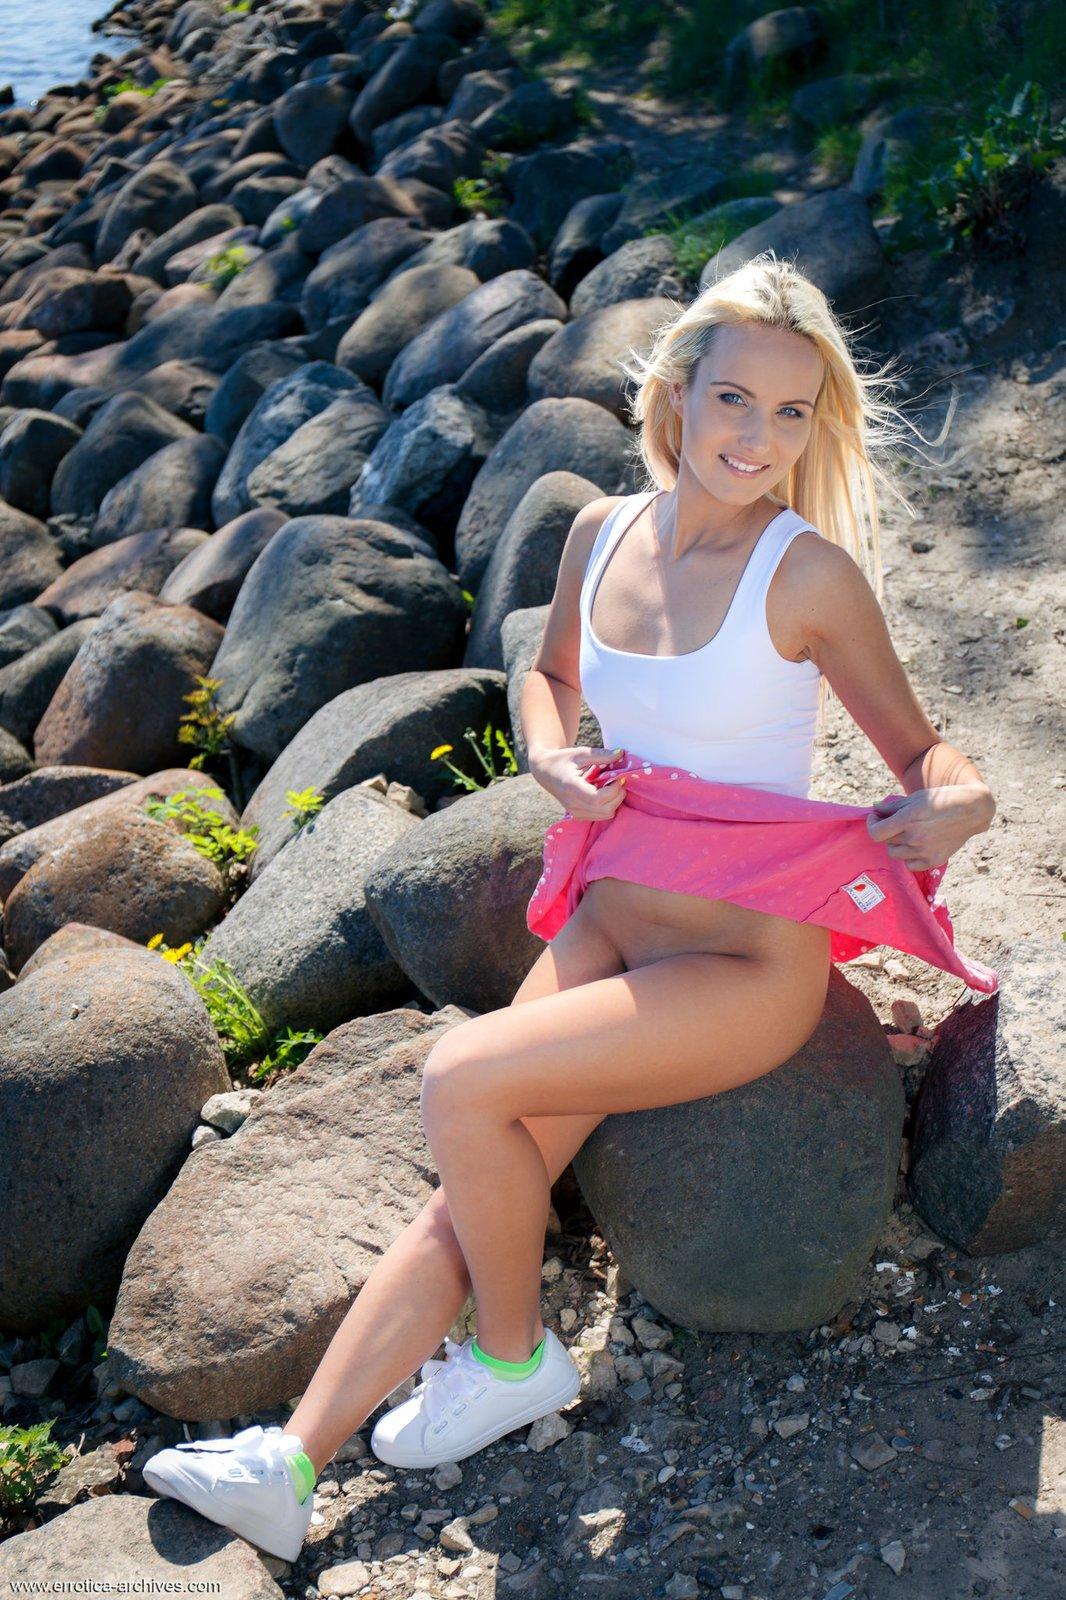 Голубоглазая блондинка в юбке оголяется у речки